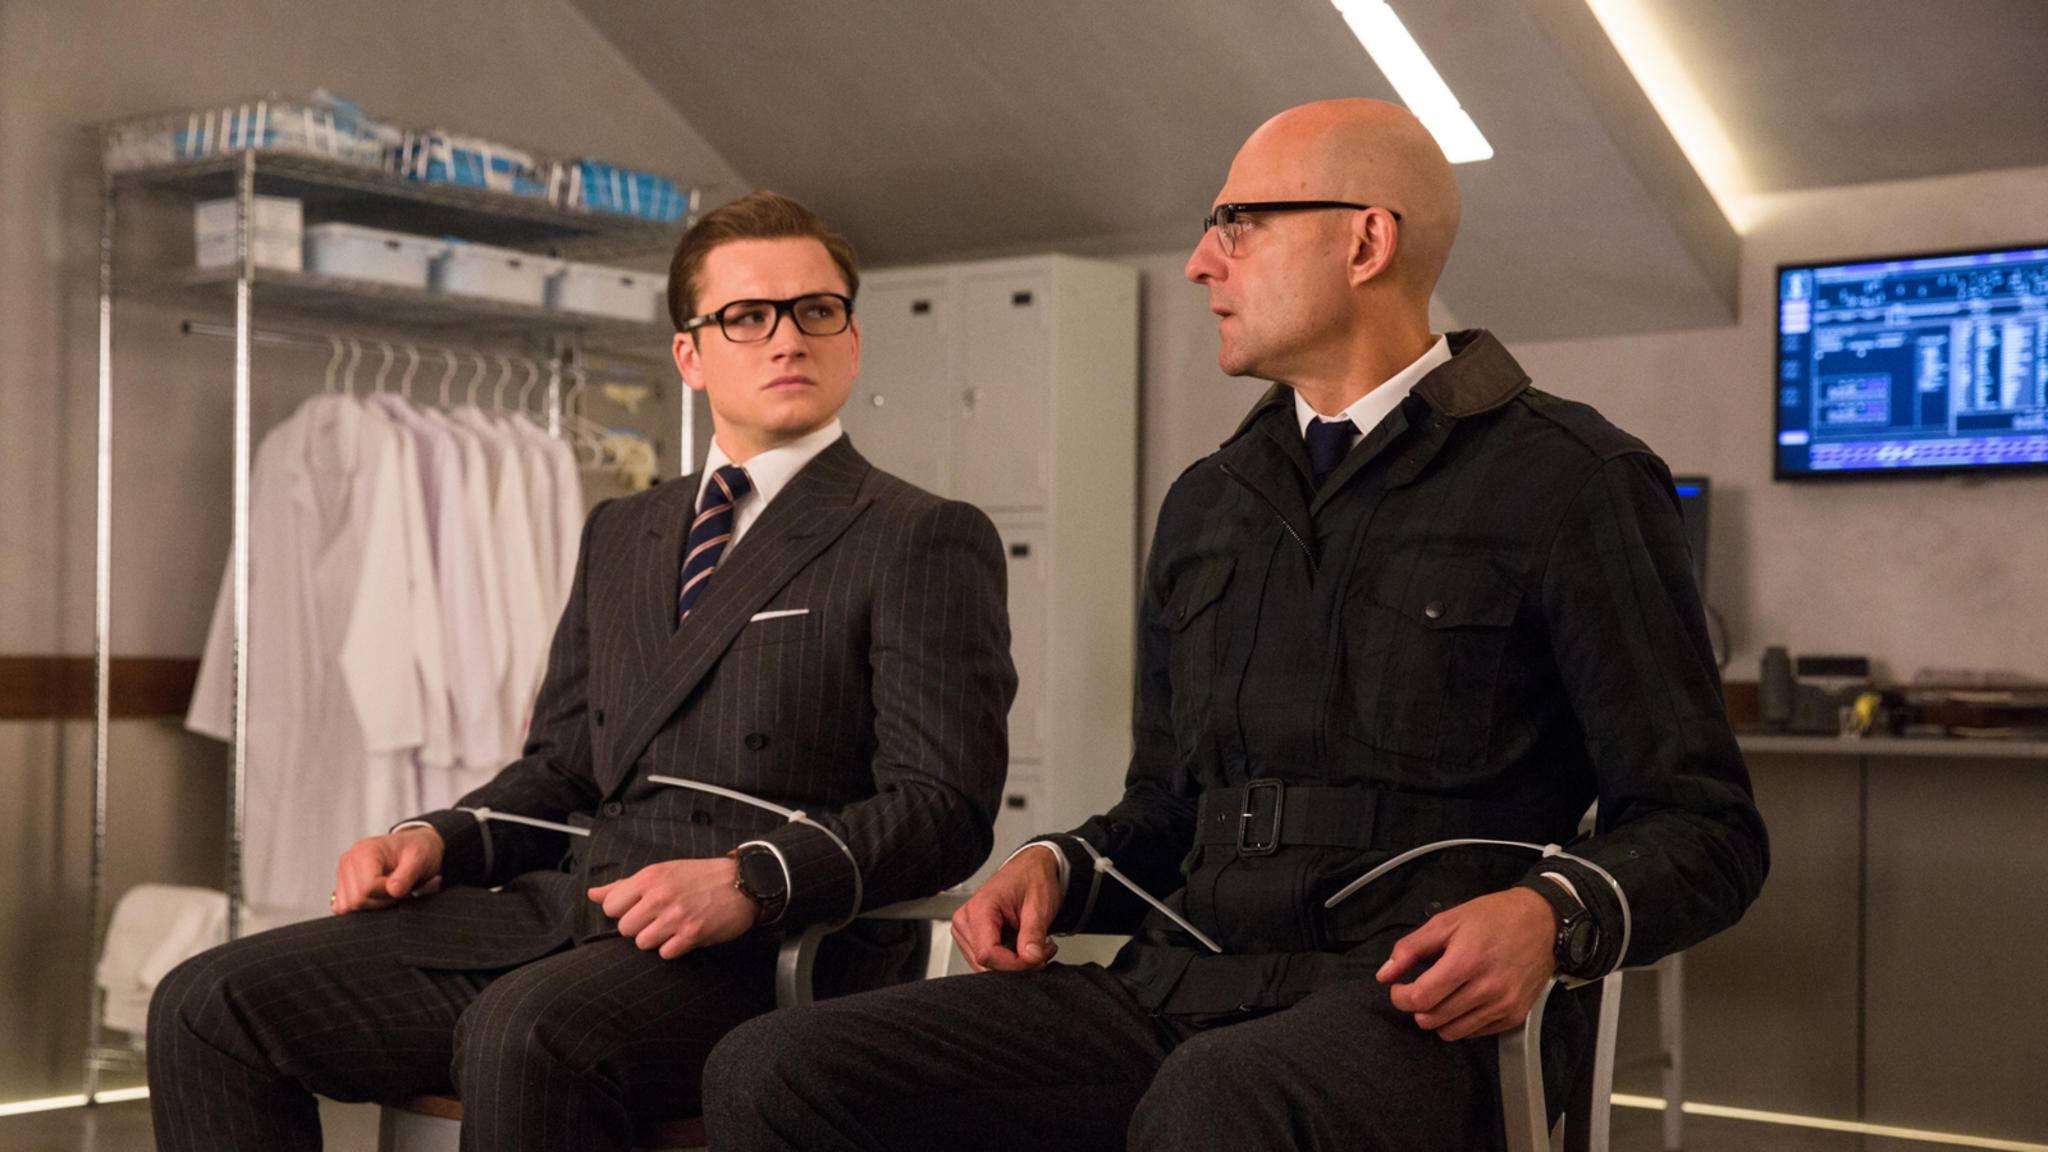 Geht es nach Taron Egerton (links), könnte künftig Dwayne Johnson auf die Kingsman-Agenten treffen.